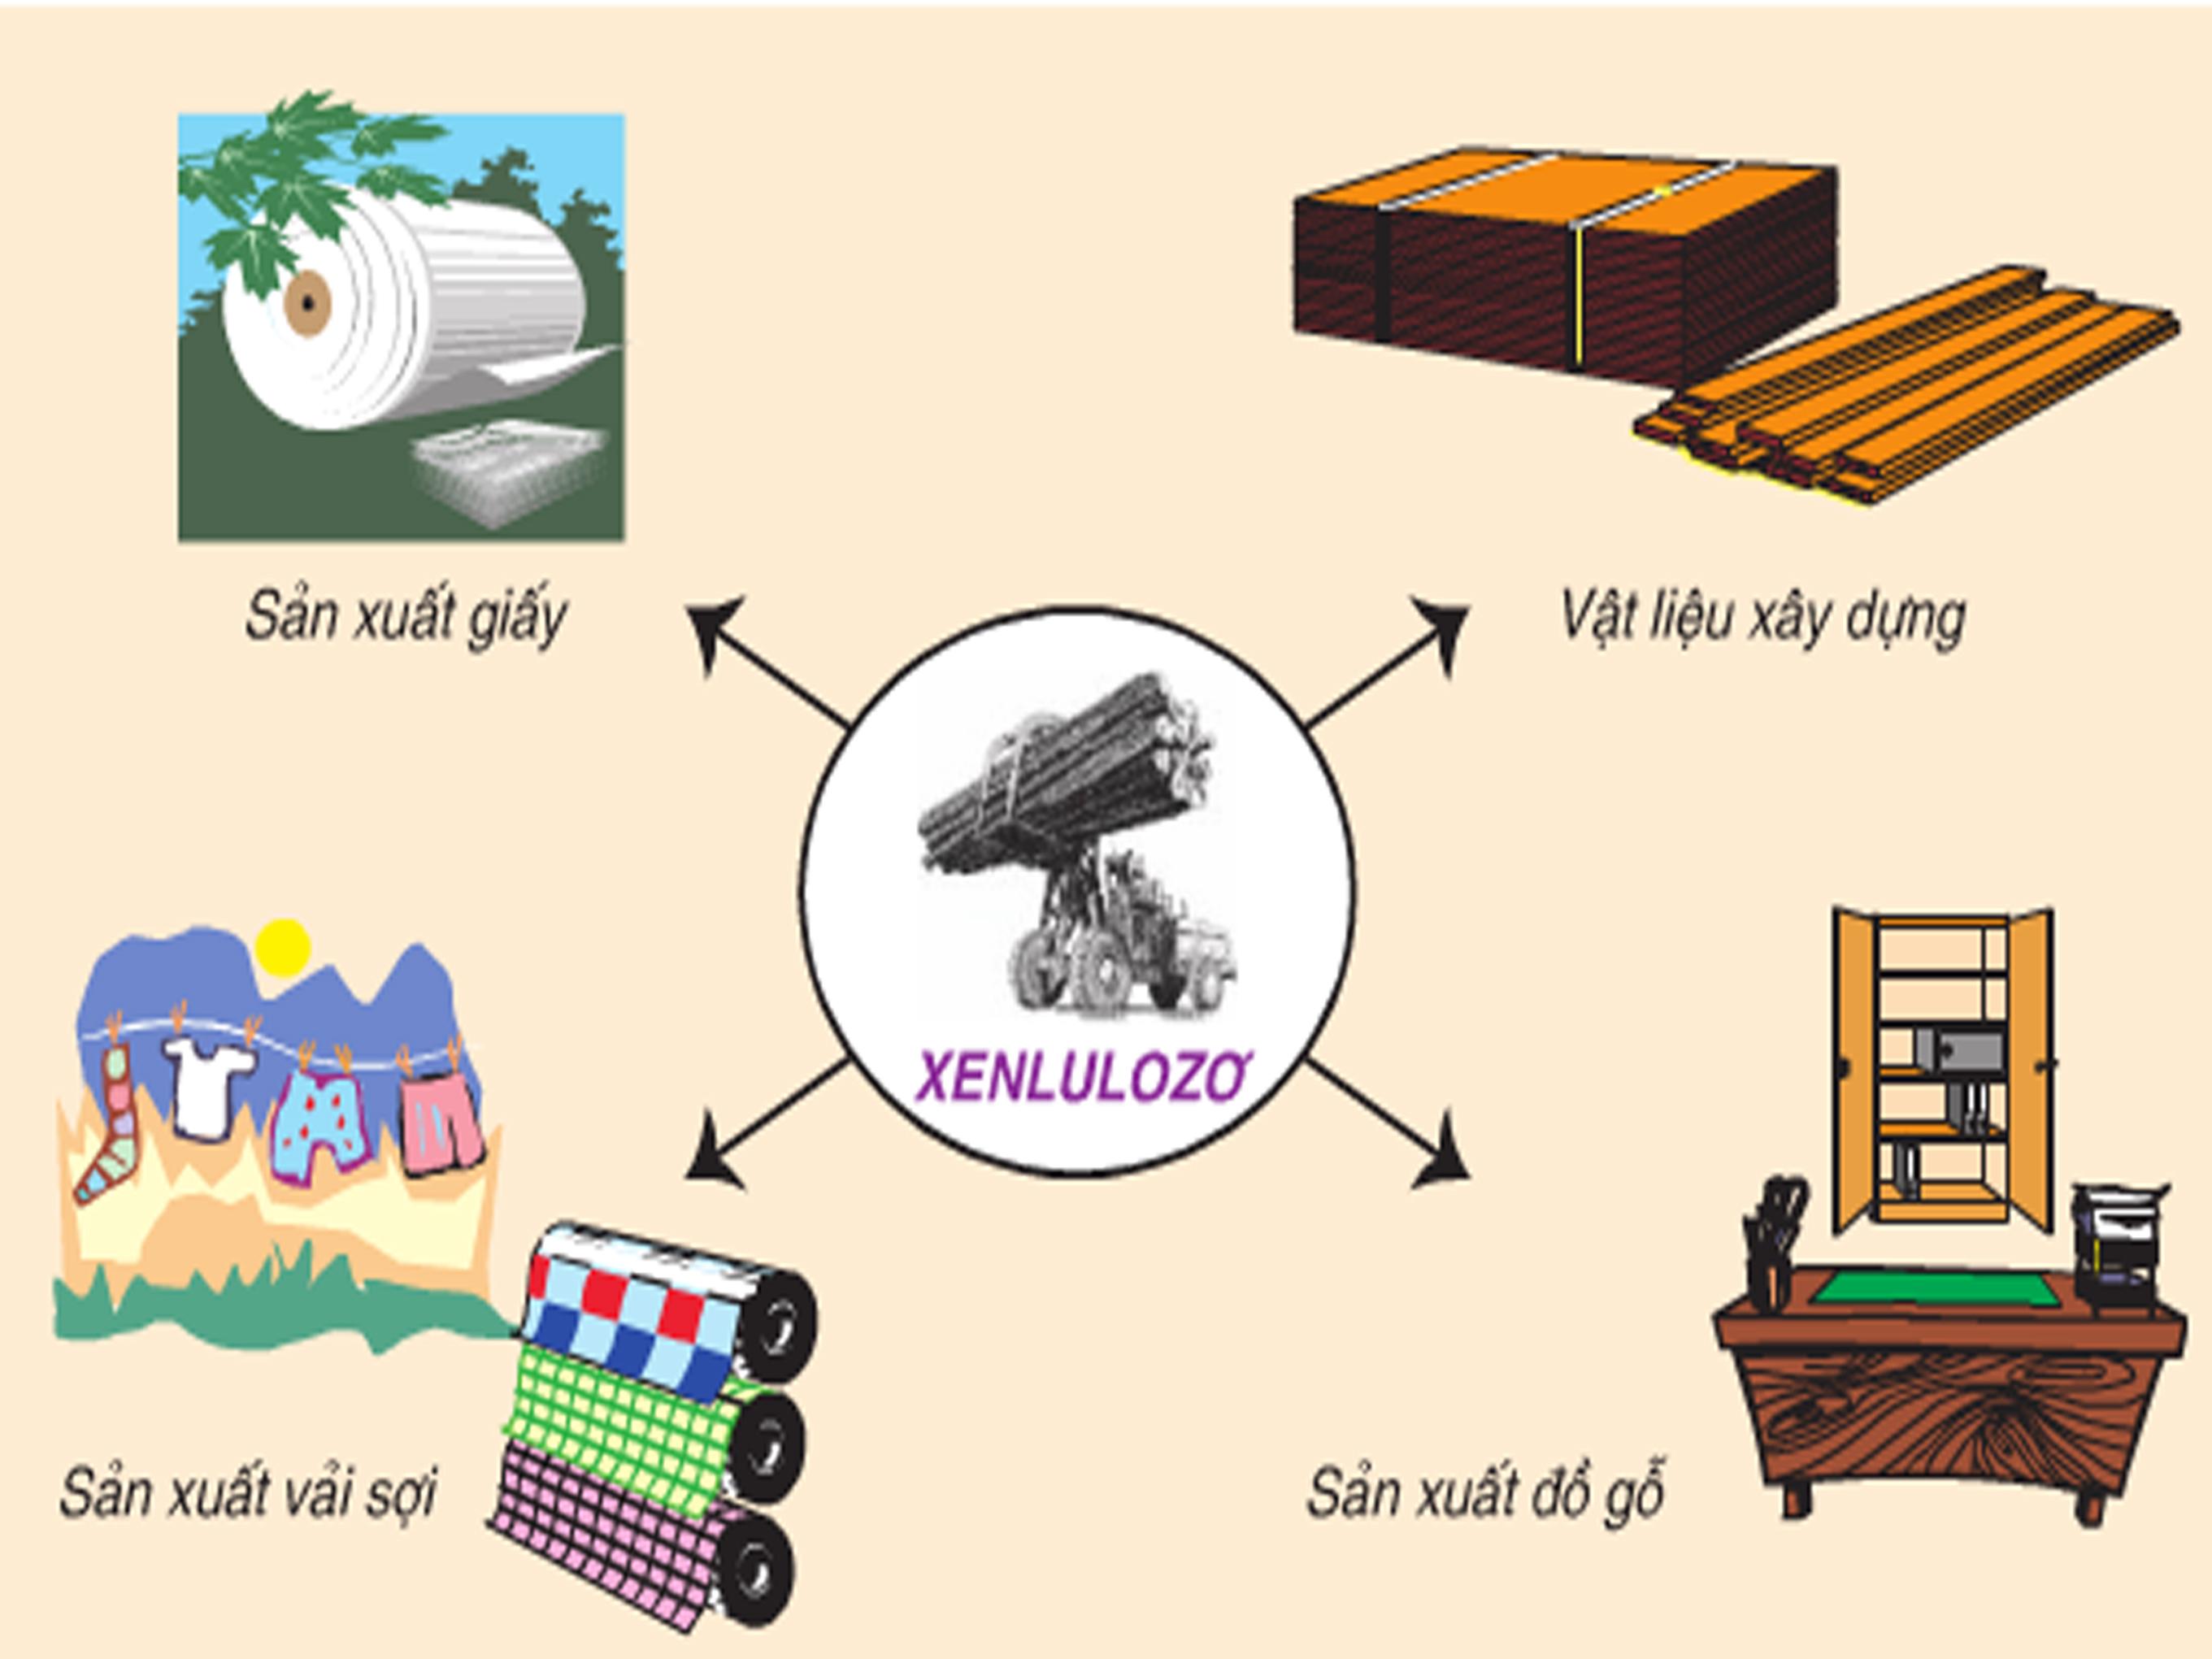 Xenlulozo có thể ngăn chặn hiện tượng đoản mạch trong pin